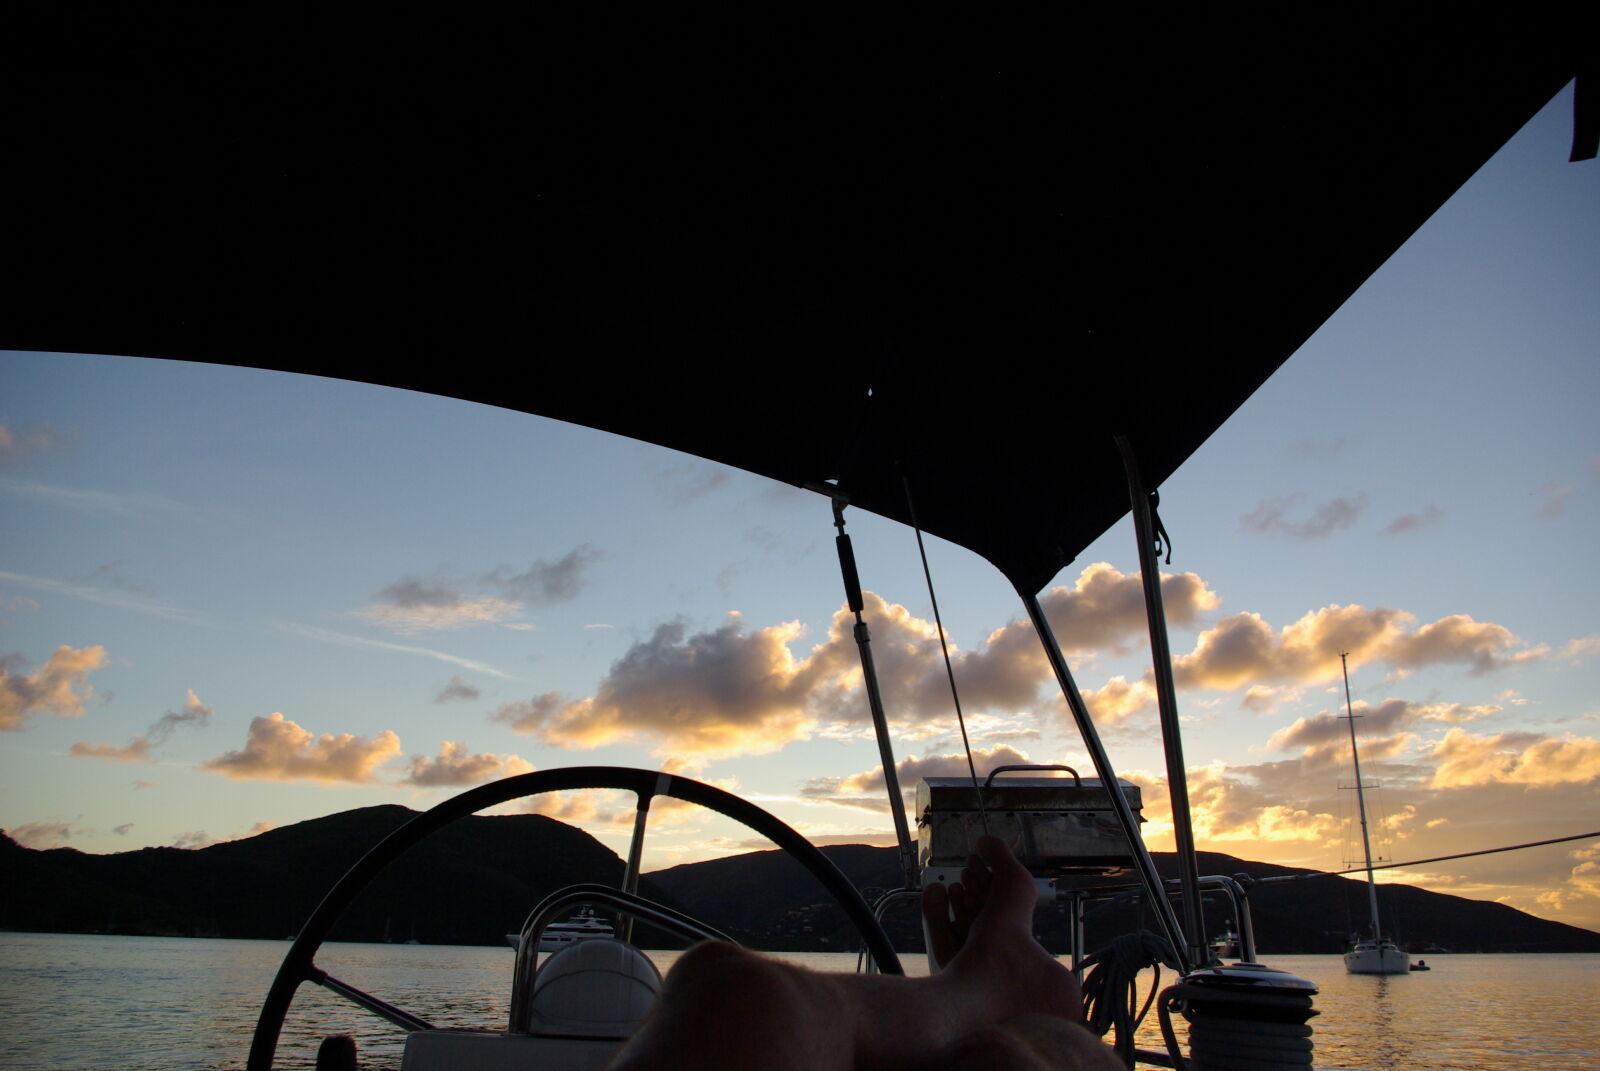 """Pentax K10D sample photo. """"Evening, sun, sail, sunset"""" photography"""